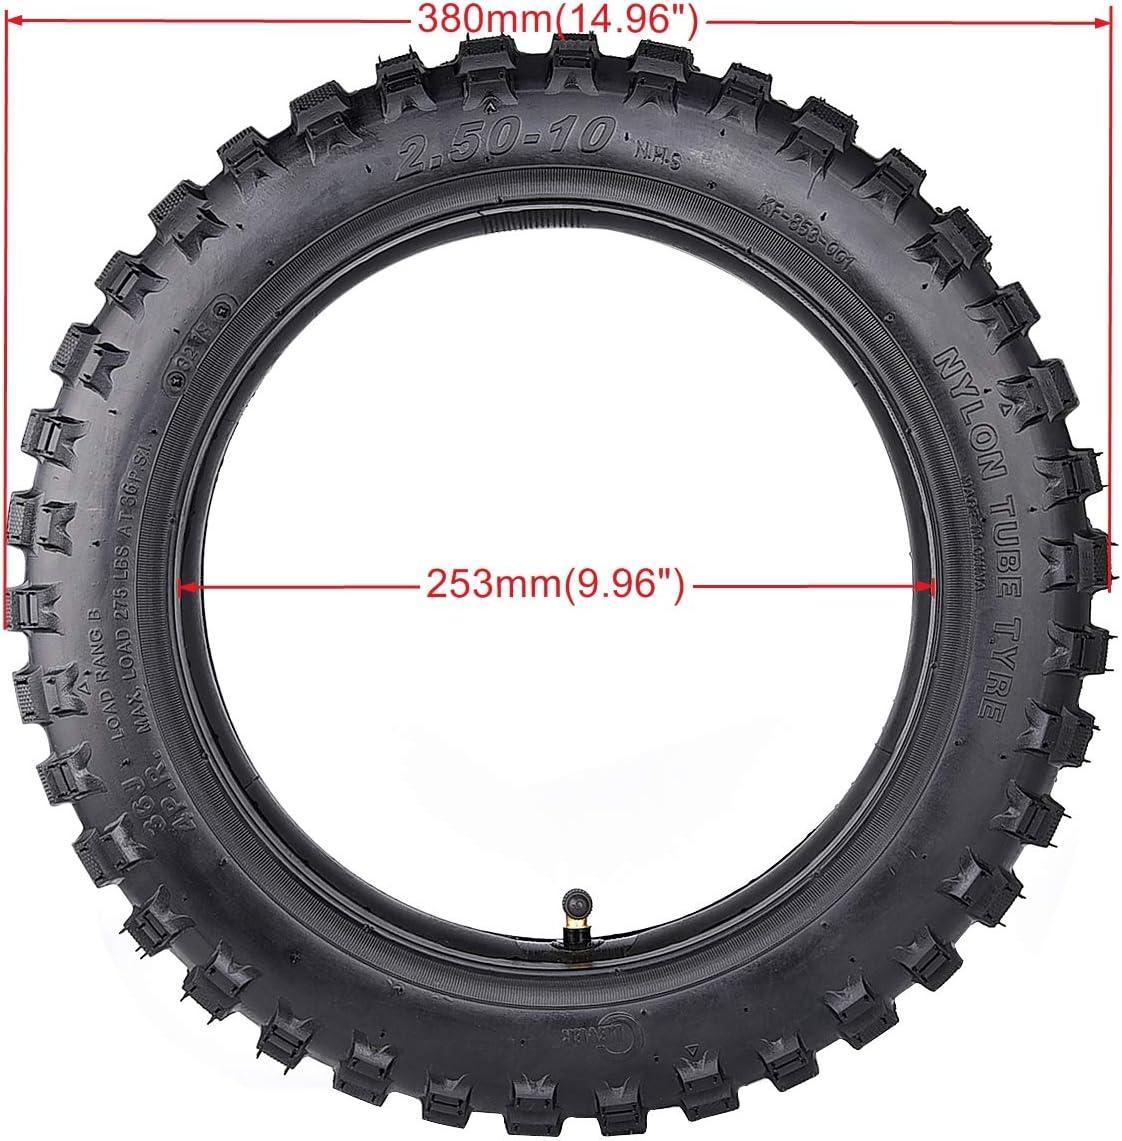 Paquete de 2 neumáticos para bicicleta CRF50 con tubo 2.50-10 XR50 ...